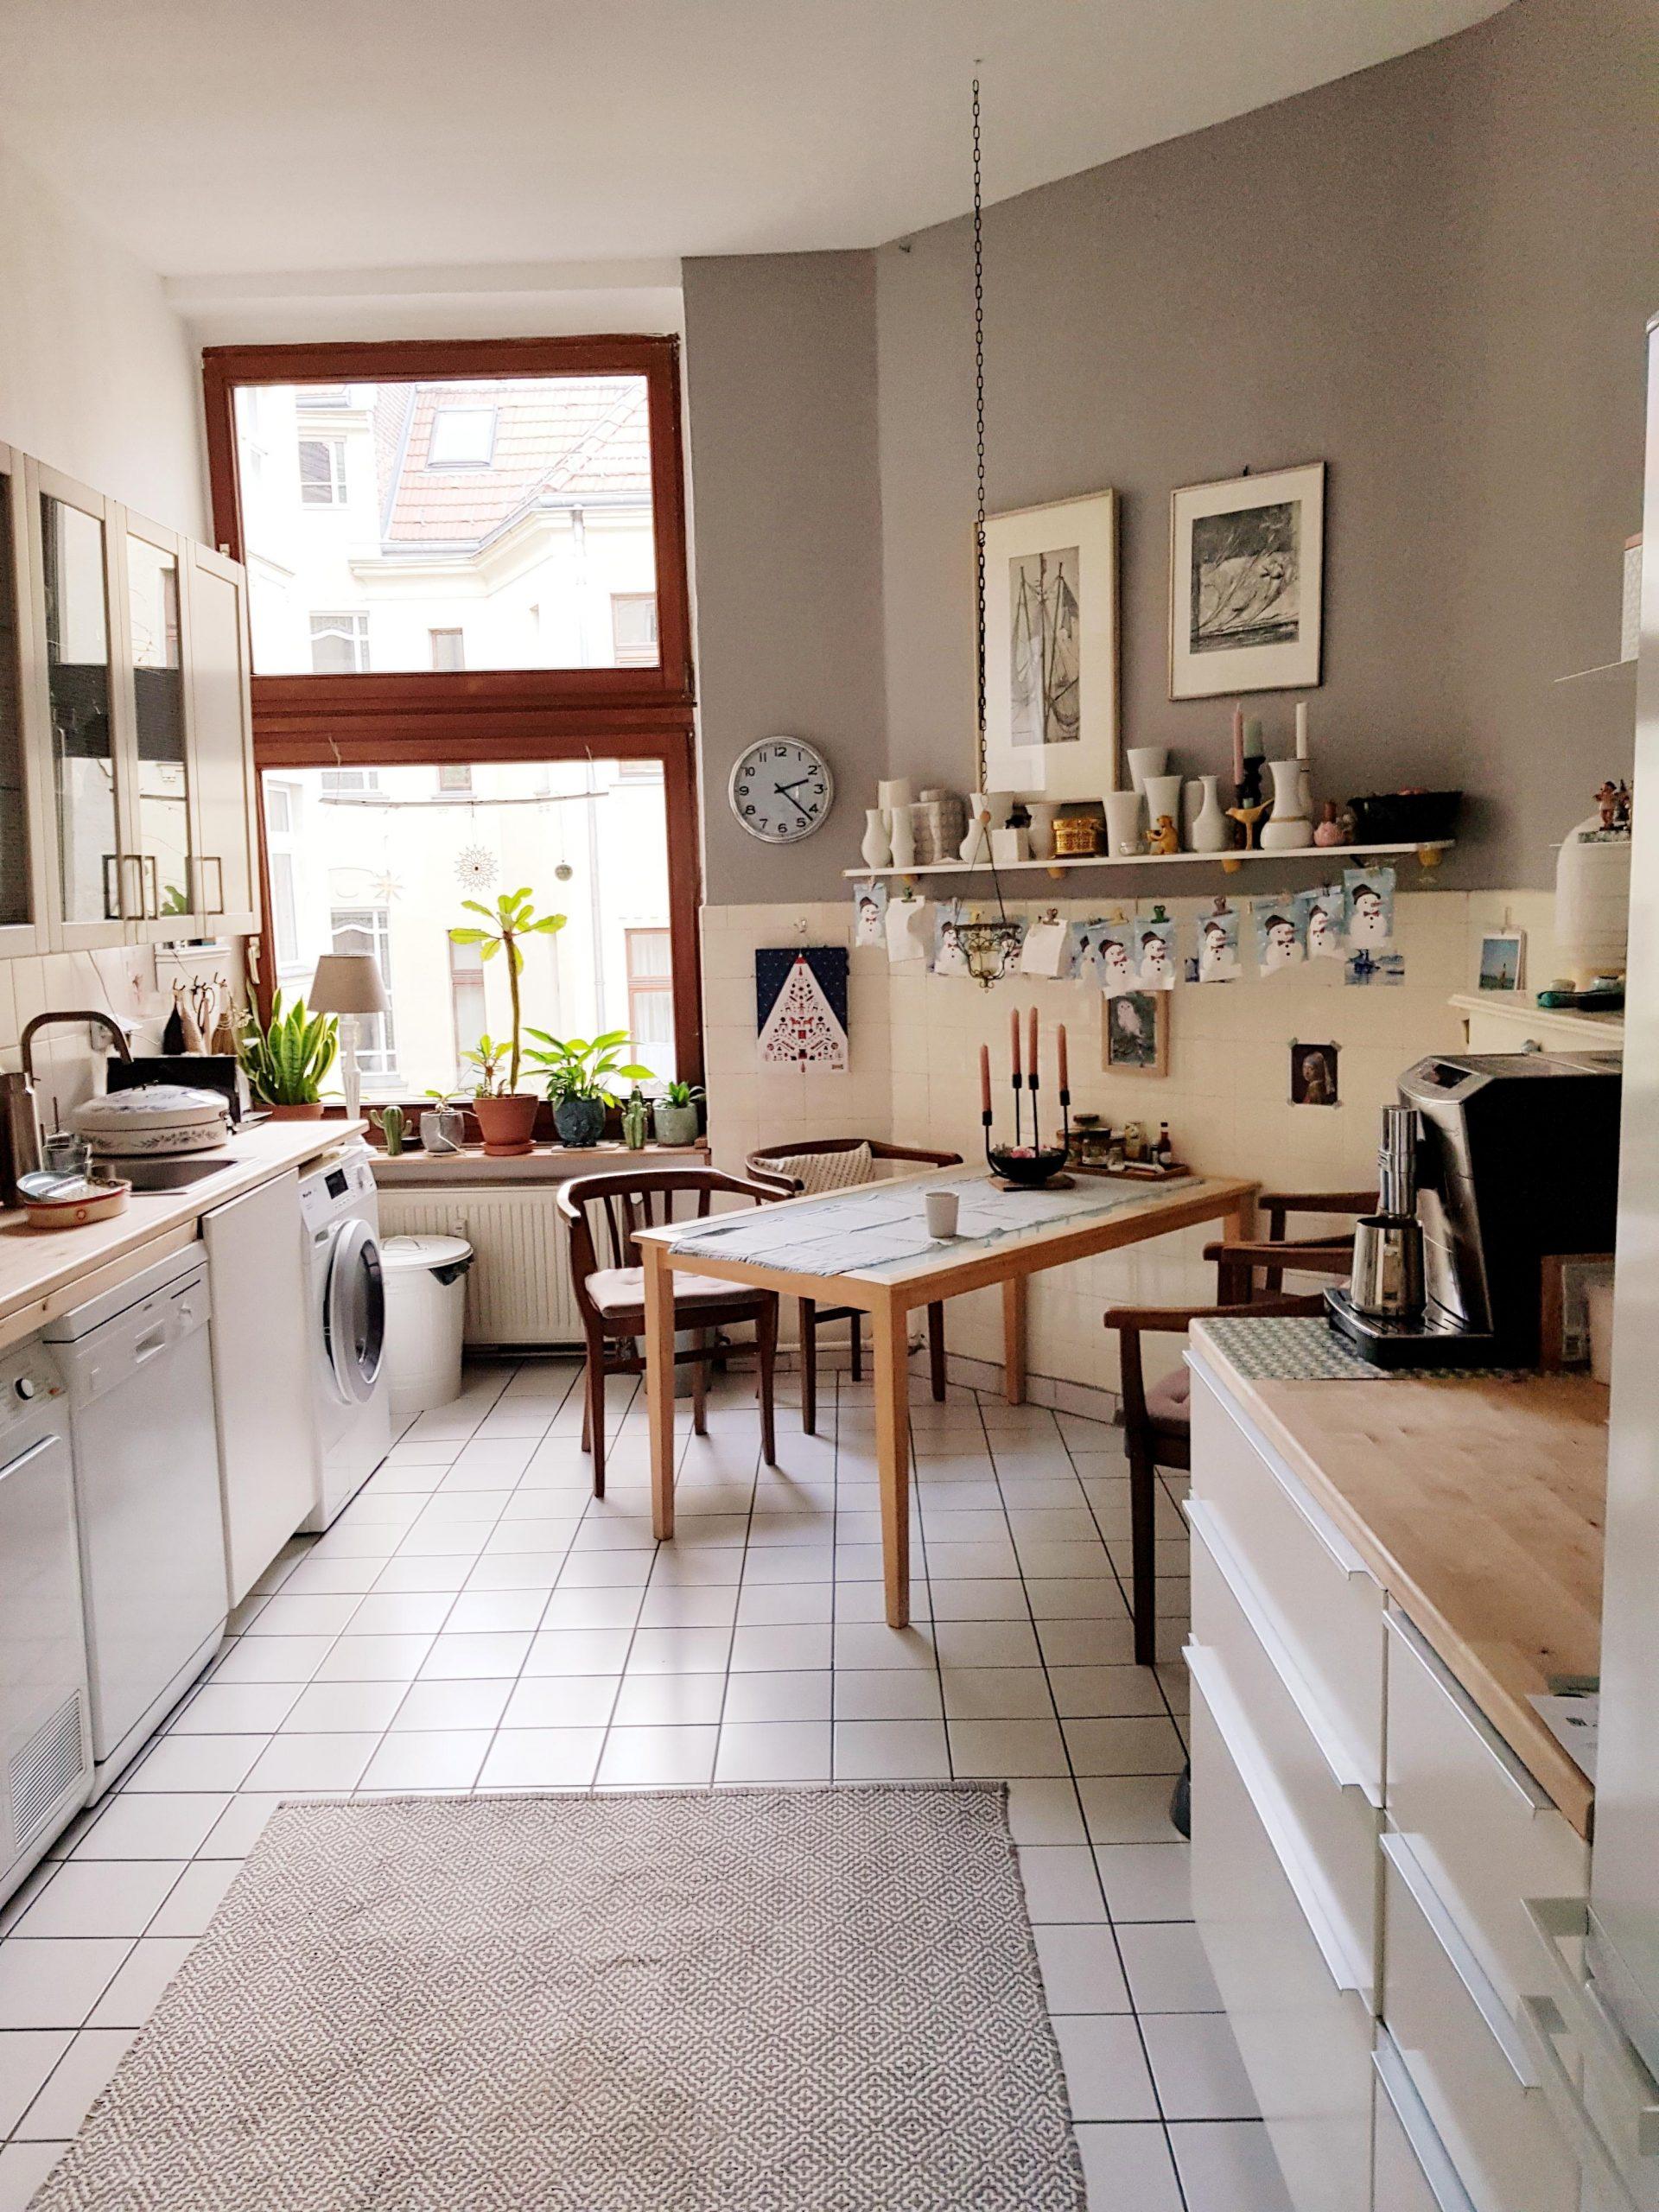 Full Size of Ikea Küchen Ideen Ikeakche Bilder Couch Miniküche Küche Kaufen Kosten Betten Bei Wohnzimmer Tapeten Sofa Mit Schlaffunktion 160x200 Bad Renovieren Wohnzimmer Ikea Küchen Ideen